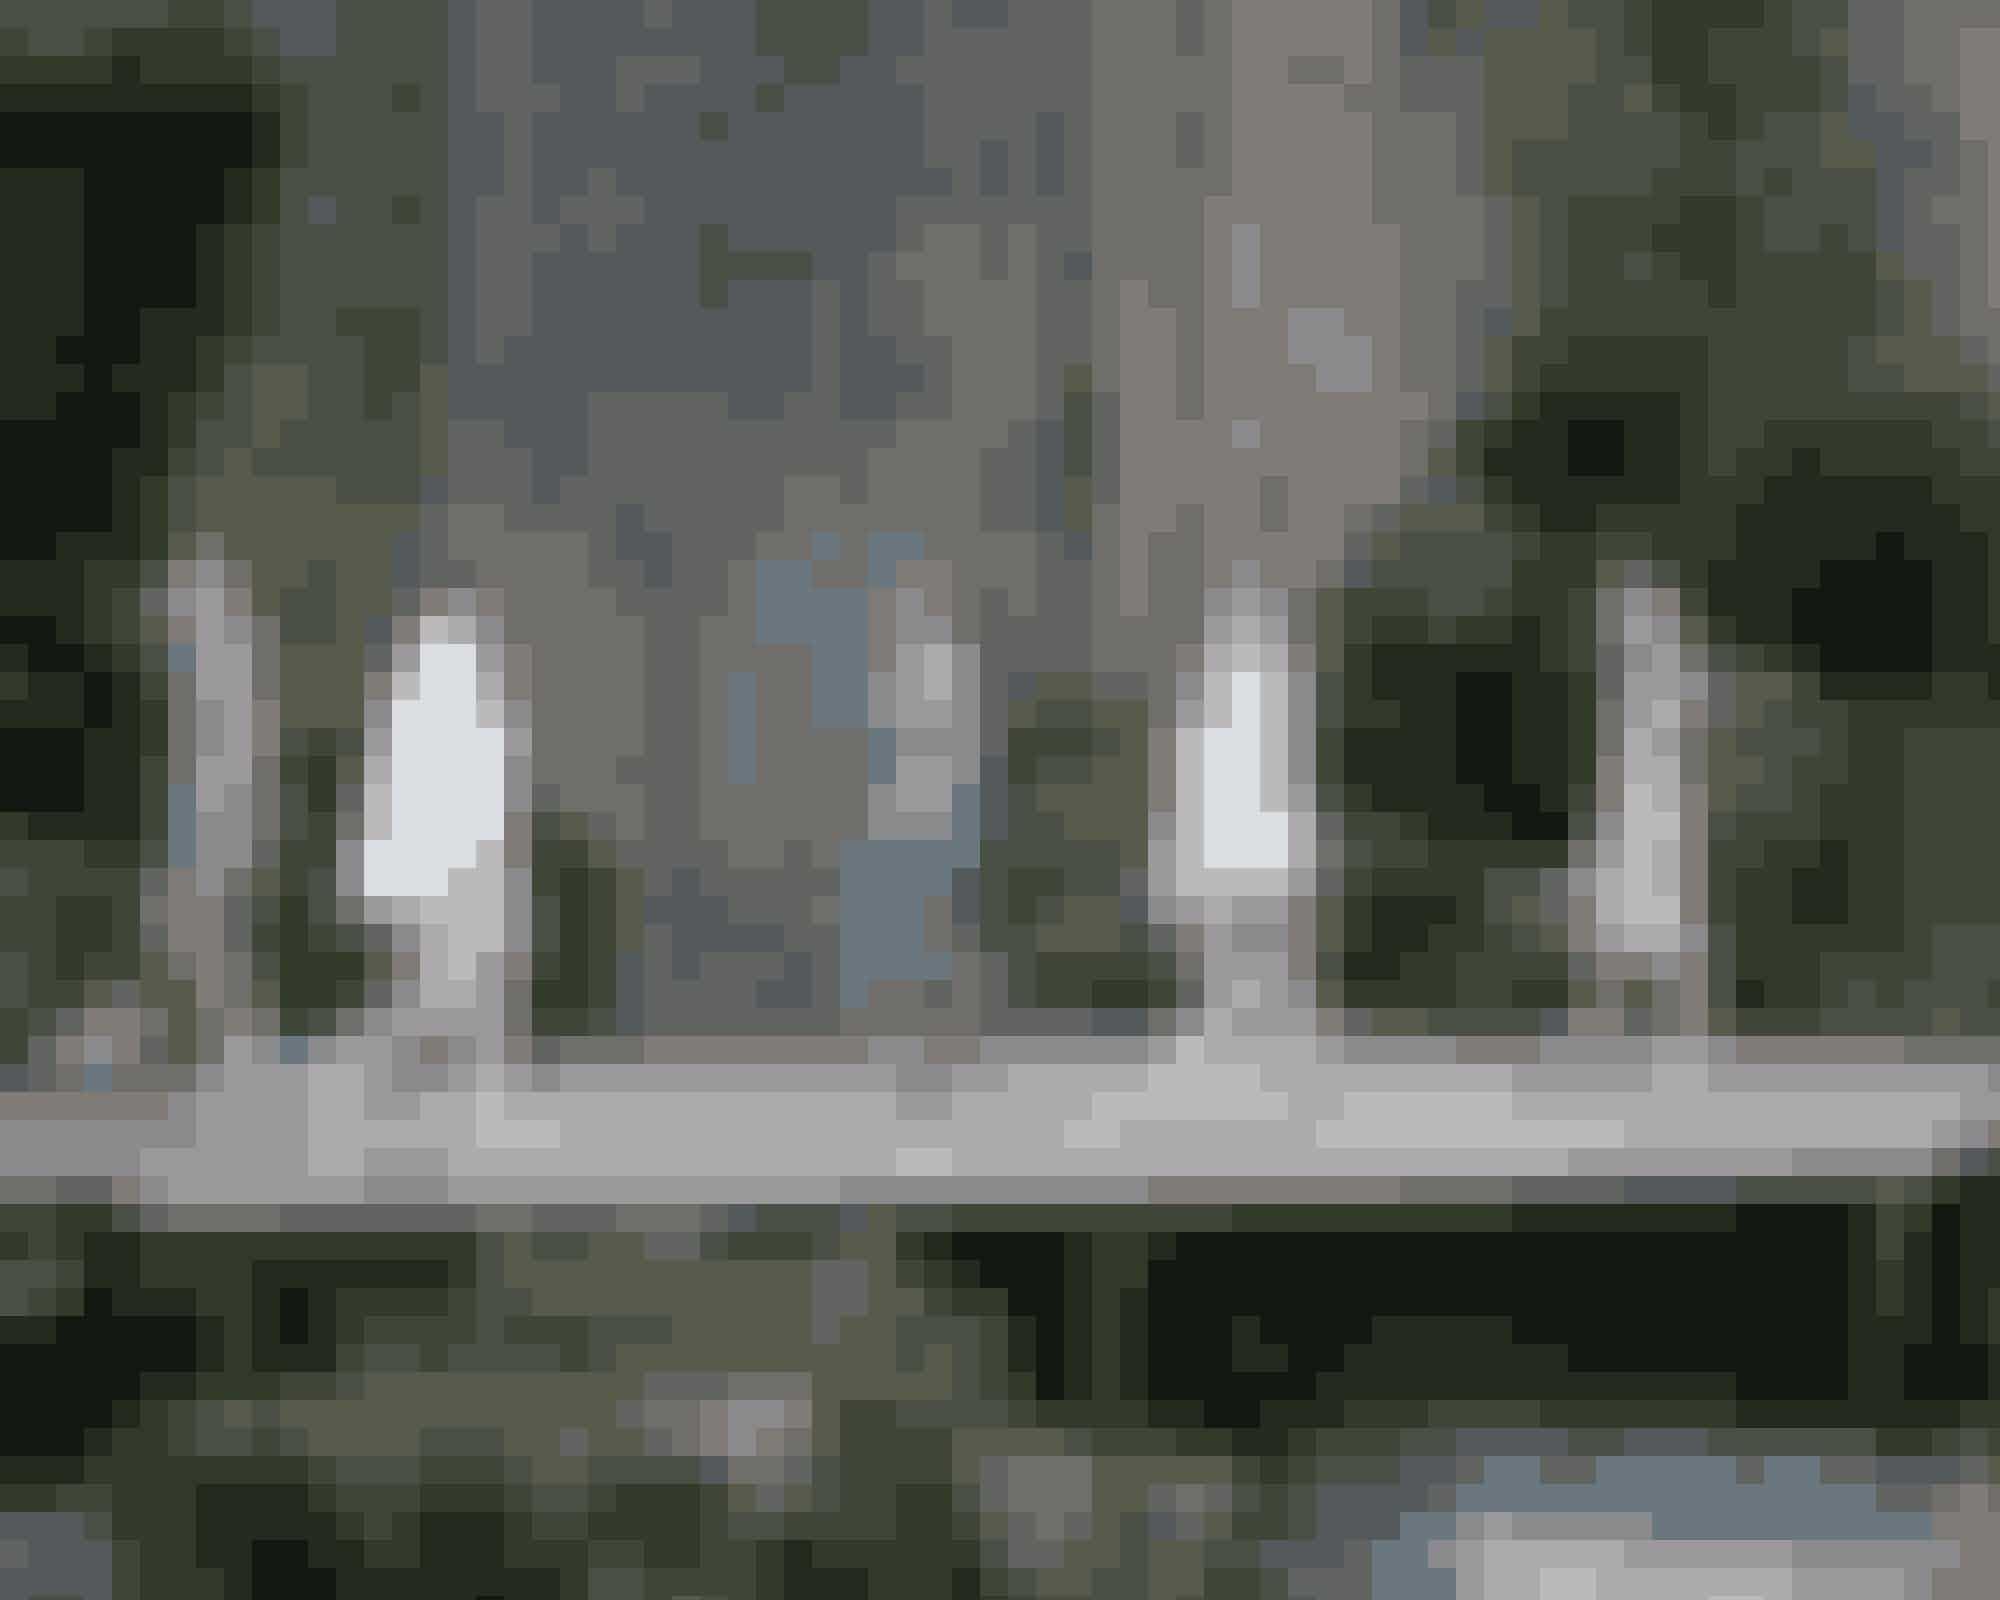 Vandfald SS18Regntøj kan faktisk være chic – i hvert fald når det er udtænkt af Karl Lagerfeld, som viste både støvler, hatte og lange handsker i gennemsigtigt plastic på den netop afsluttede modeuge i Paris. Og modellerne var nok glade for deres vandtætte lag. De skulle nemlig gå på et podie under et 100 meter højt vandfald, som var skabt til lejligheden.